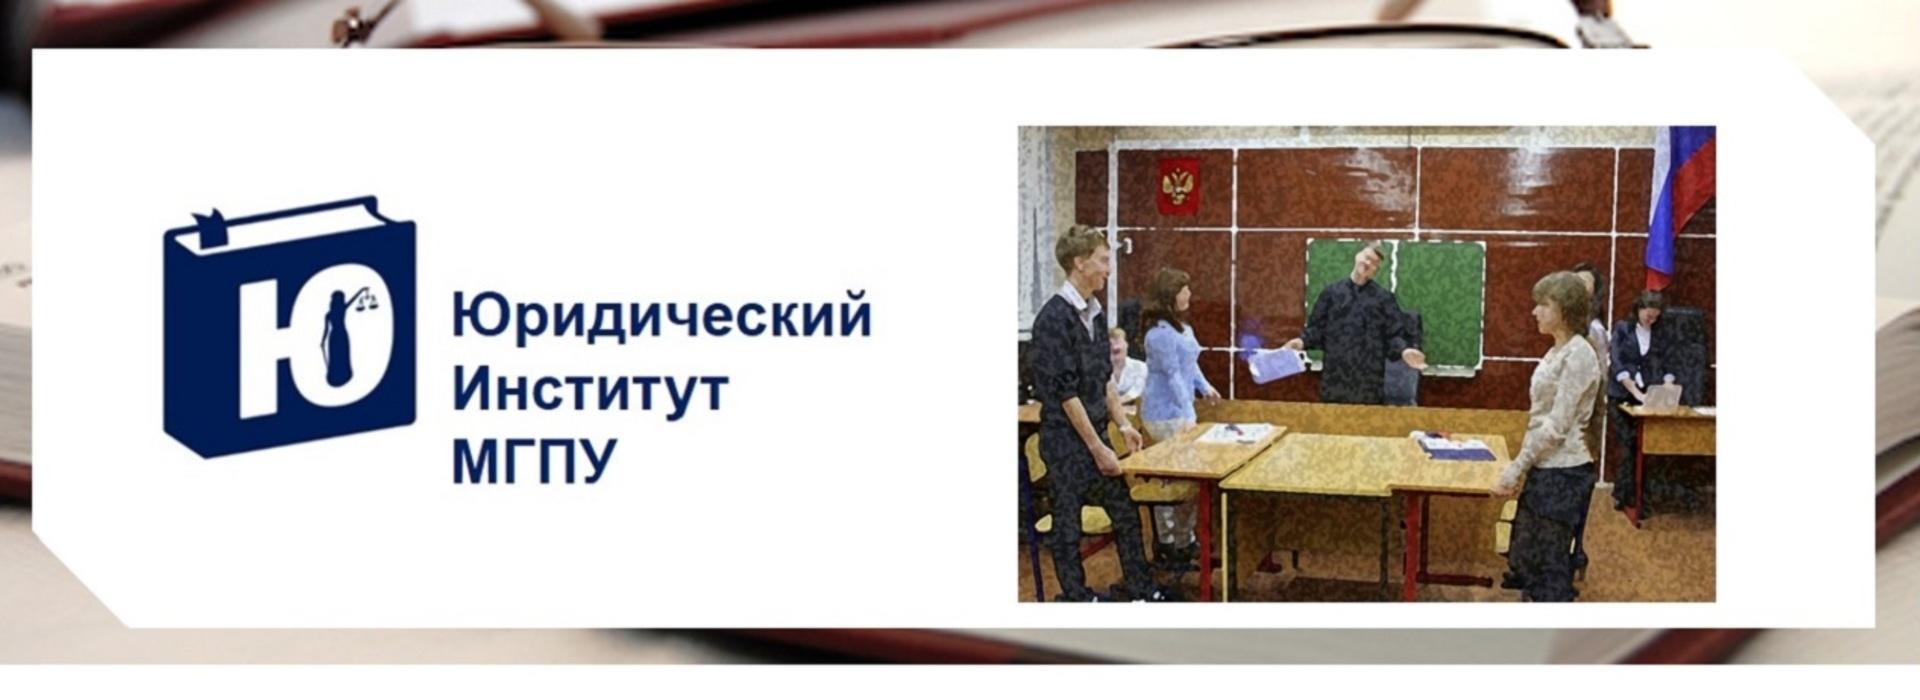 Кафедра гражданско-правовых дисциплин